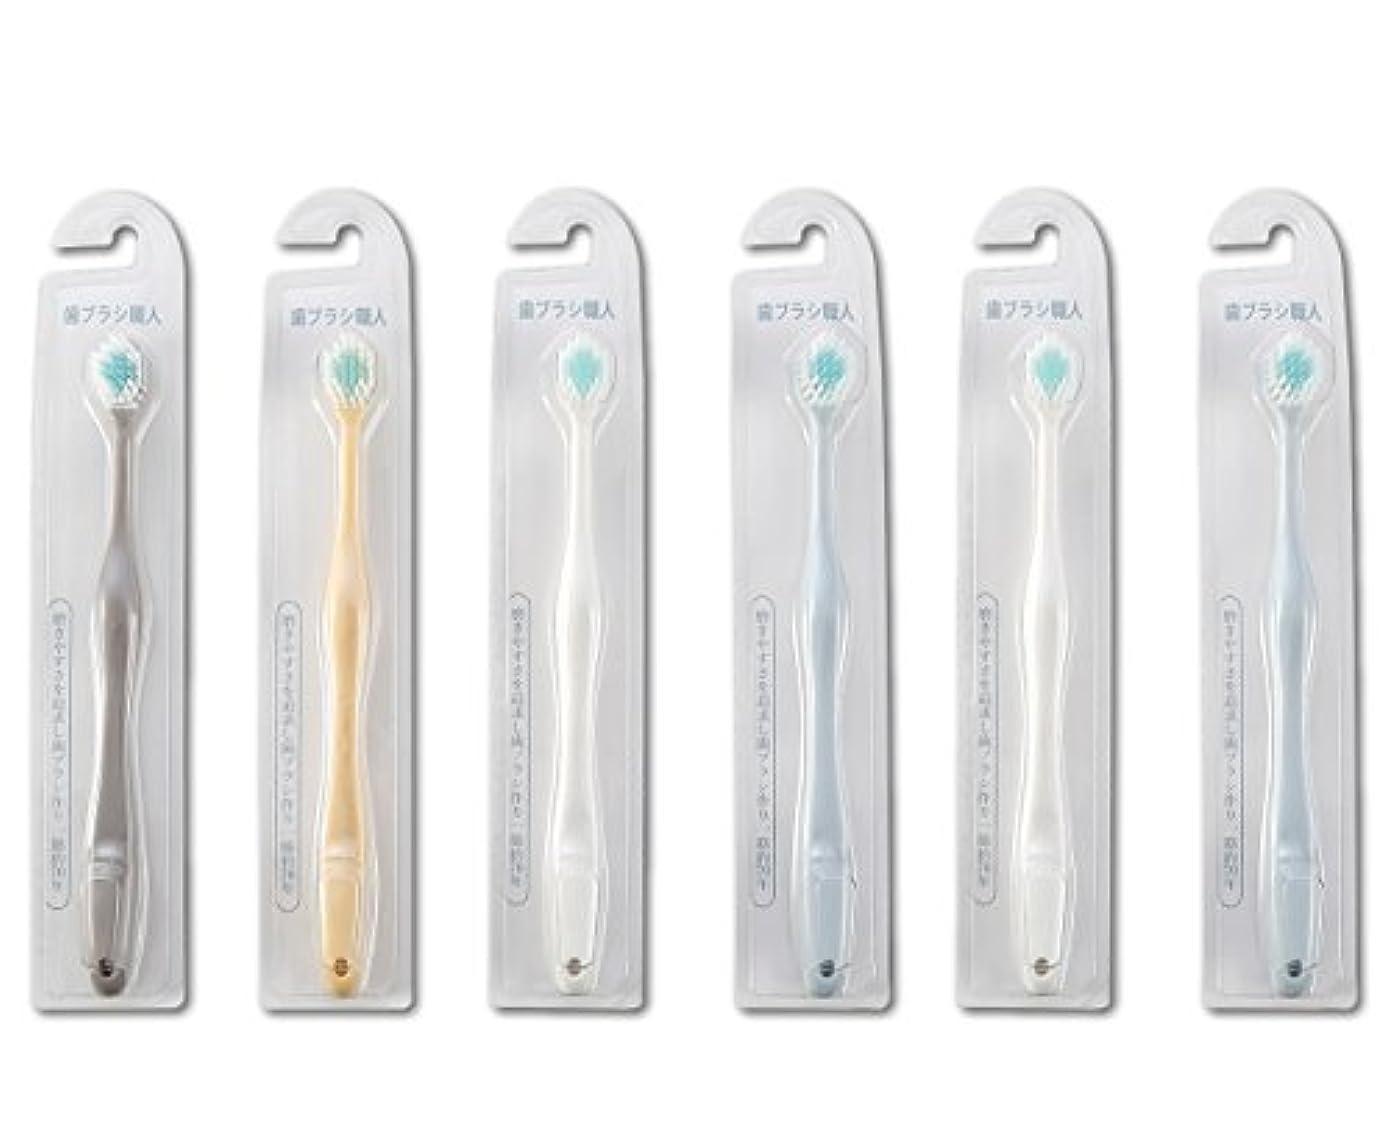 だます取り出すのみ歯ブラシ職人Artooth ® 田辺重吉 磨きやすい歯ブラシ ワイド 6列レギュラー AT-30 (6本組)